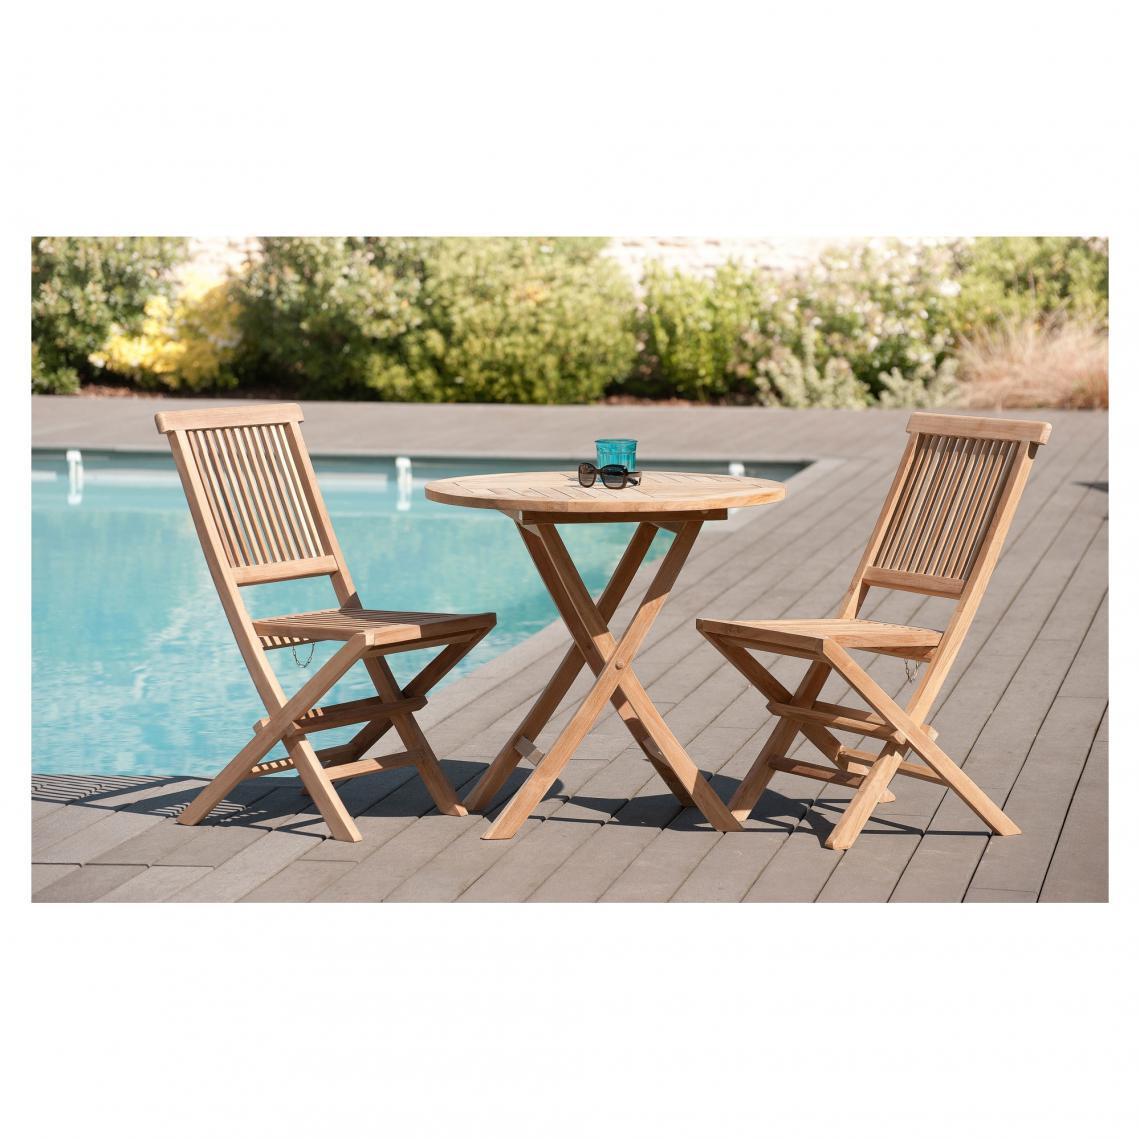 salon de jardin en bois teck 2 personnes ensemble de jardin 1 table ronde pliante 80 cm et 2 chaises